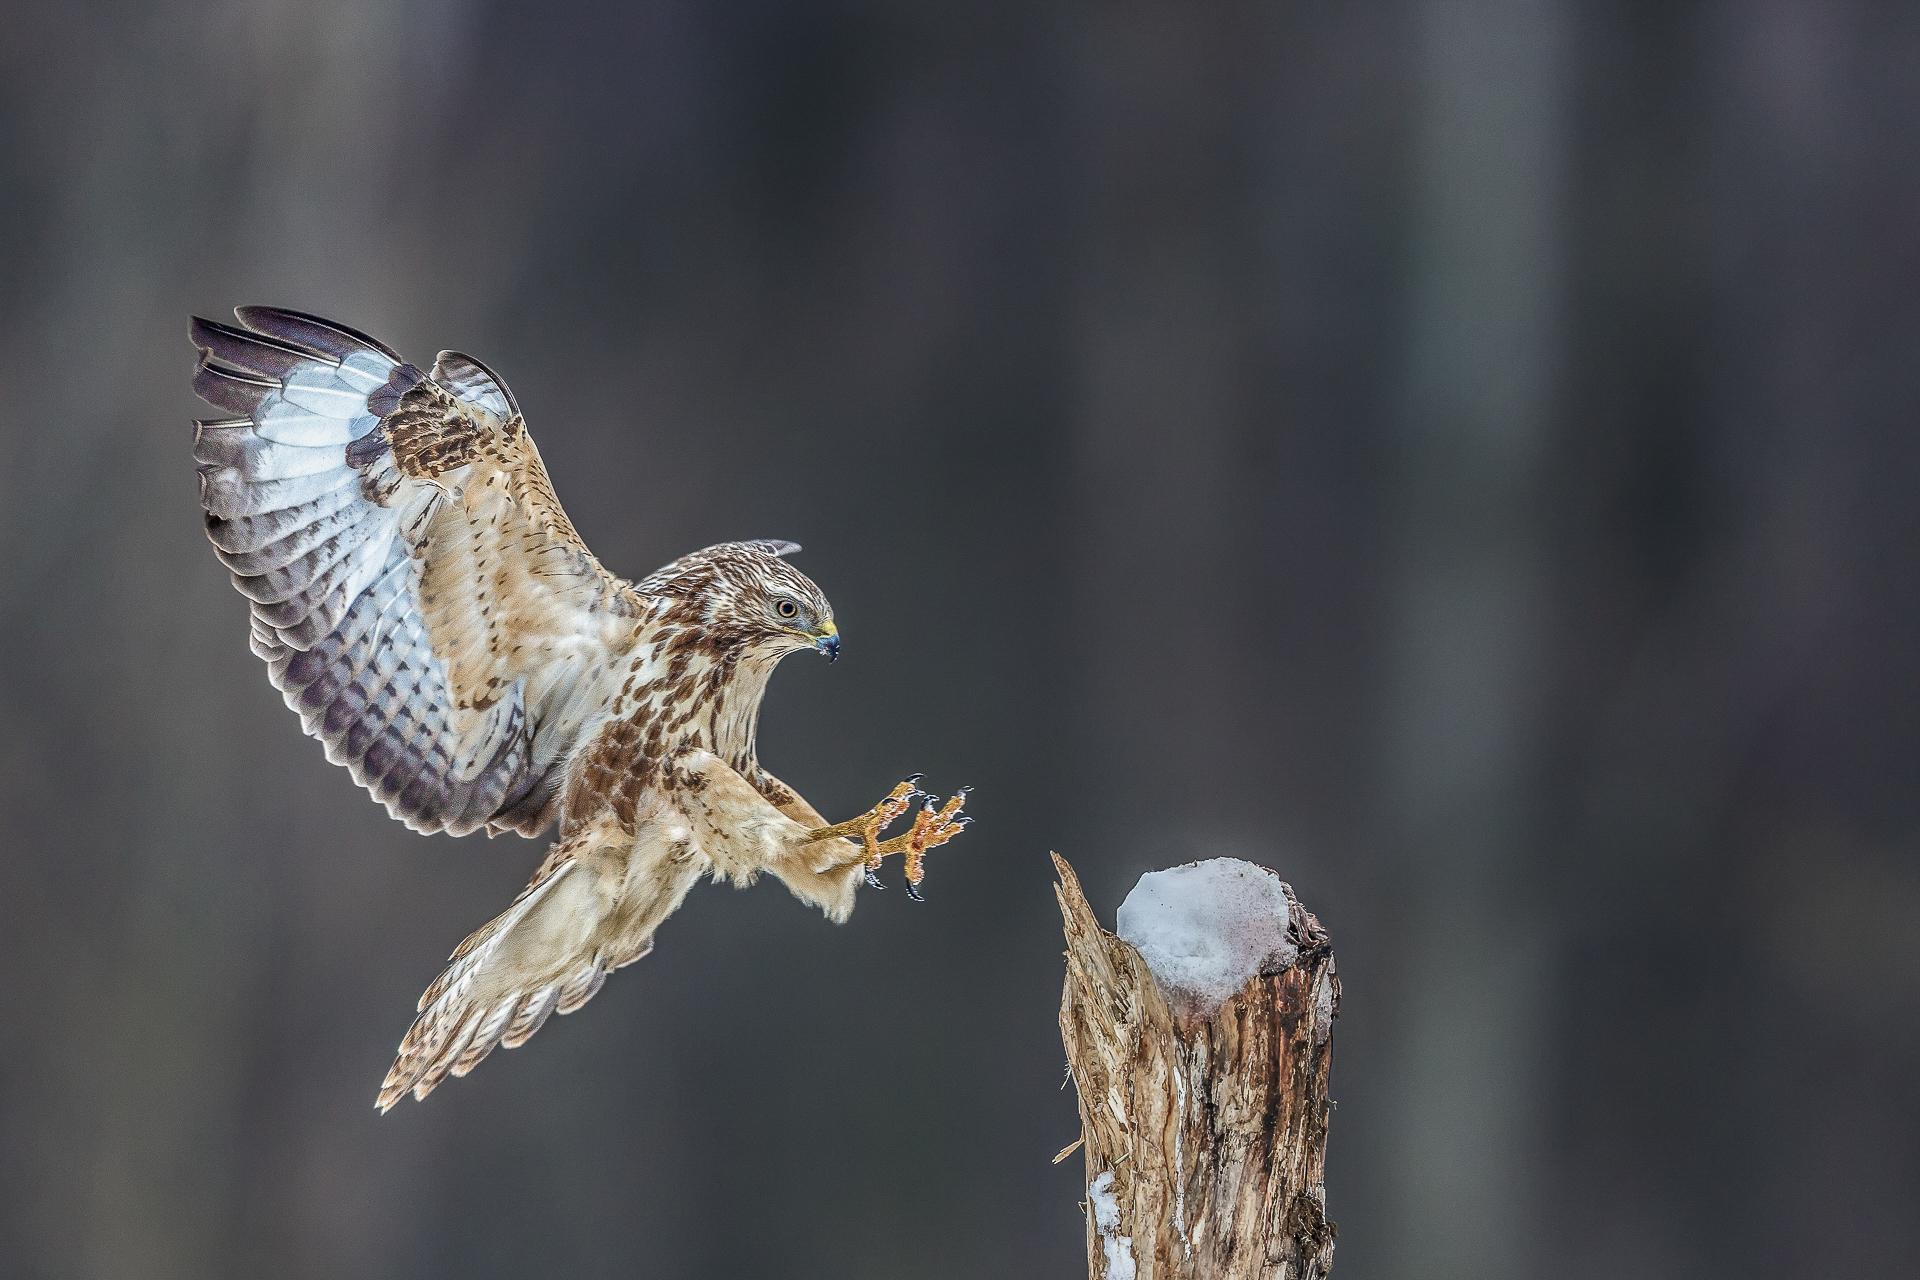 Bis zu 128 Zentimeter beträgt die Flügelspannweite vom Mäusebussard. Foto: Eric Dienesch